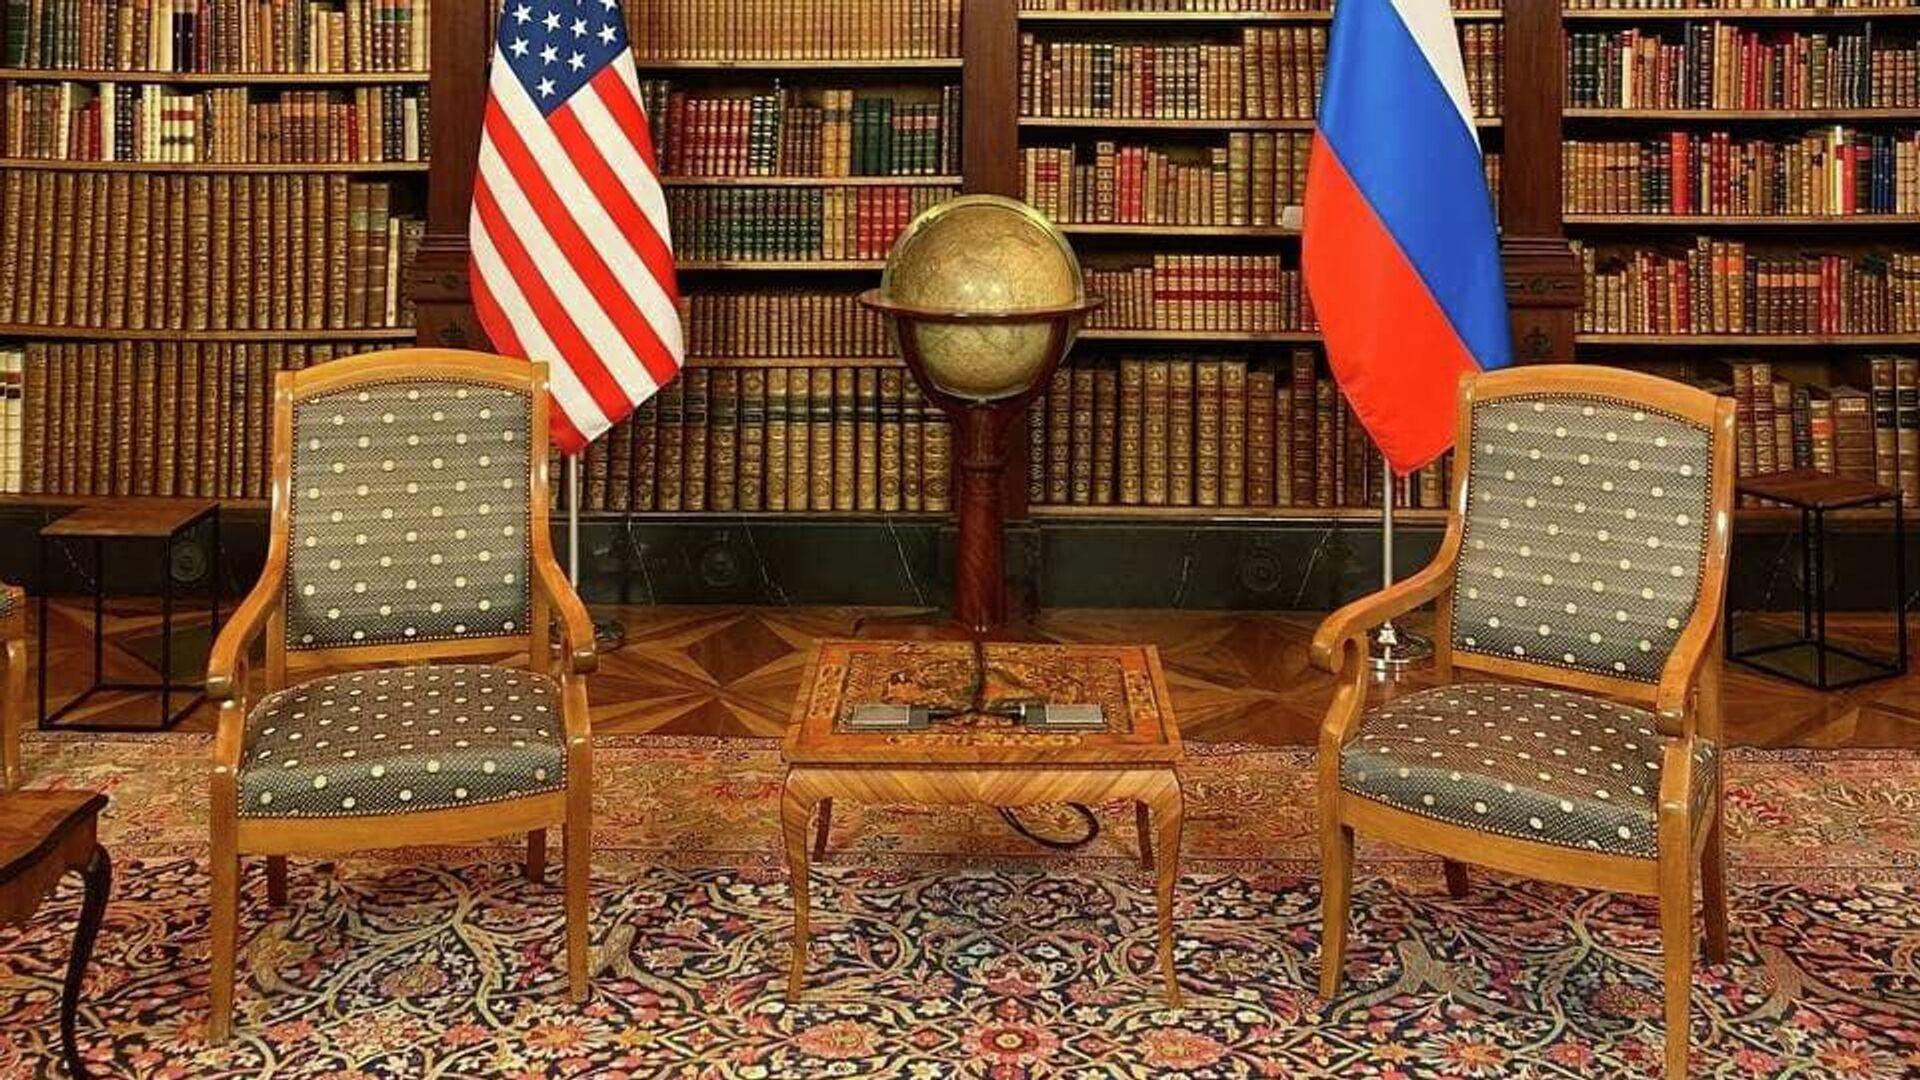 Комната, в которой пройдут переговоры президента России Владимира Путина и президента США Джо Байдена - РИА Новости, 1920, 16.06.2021